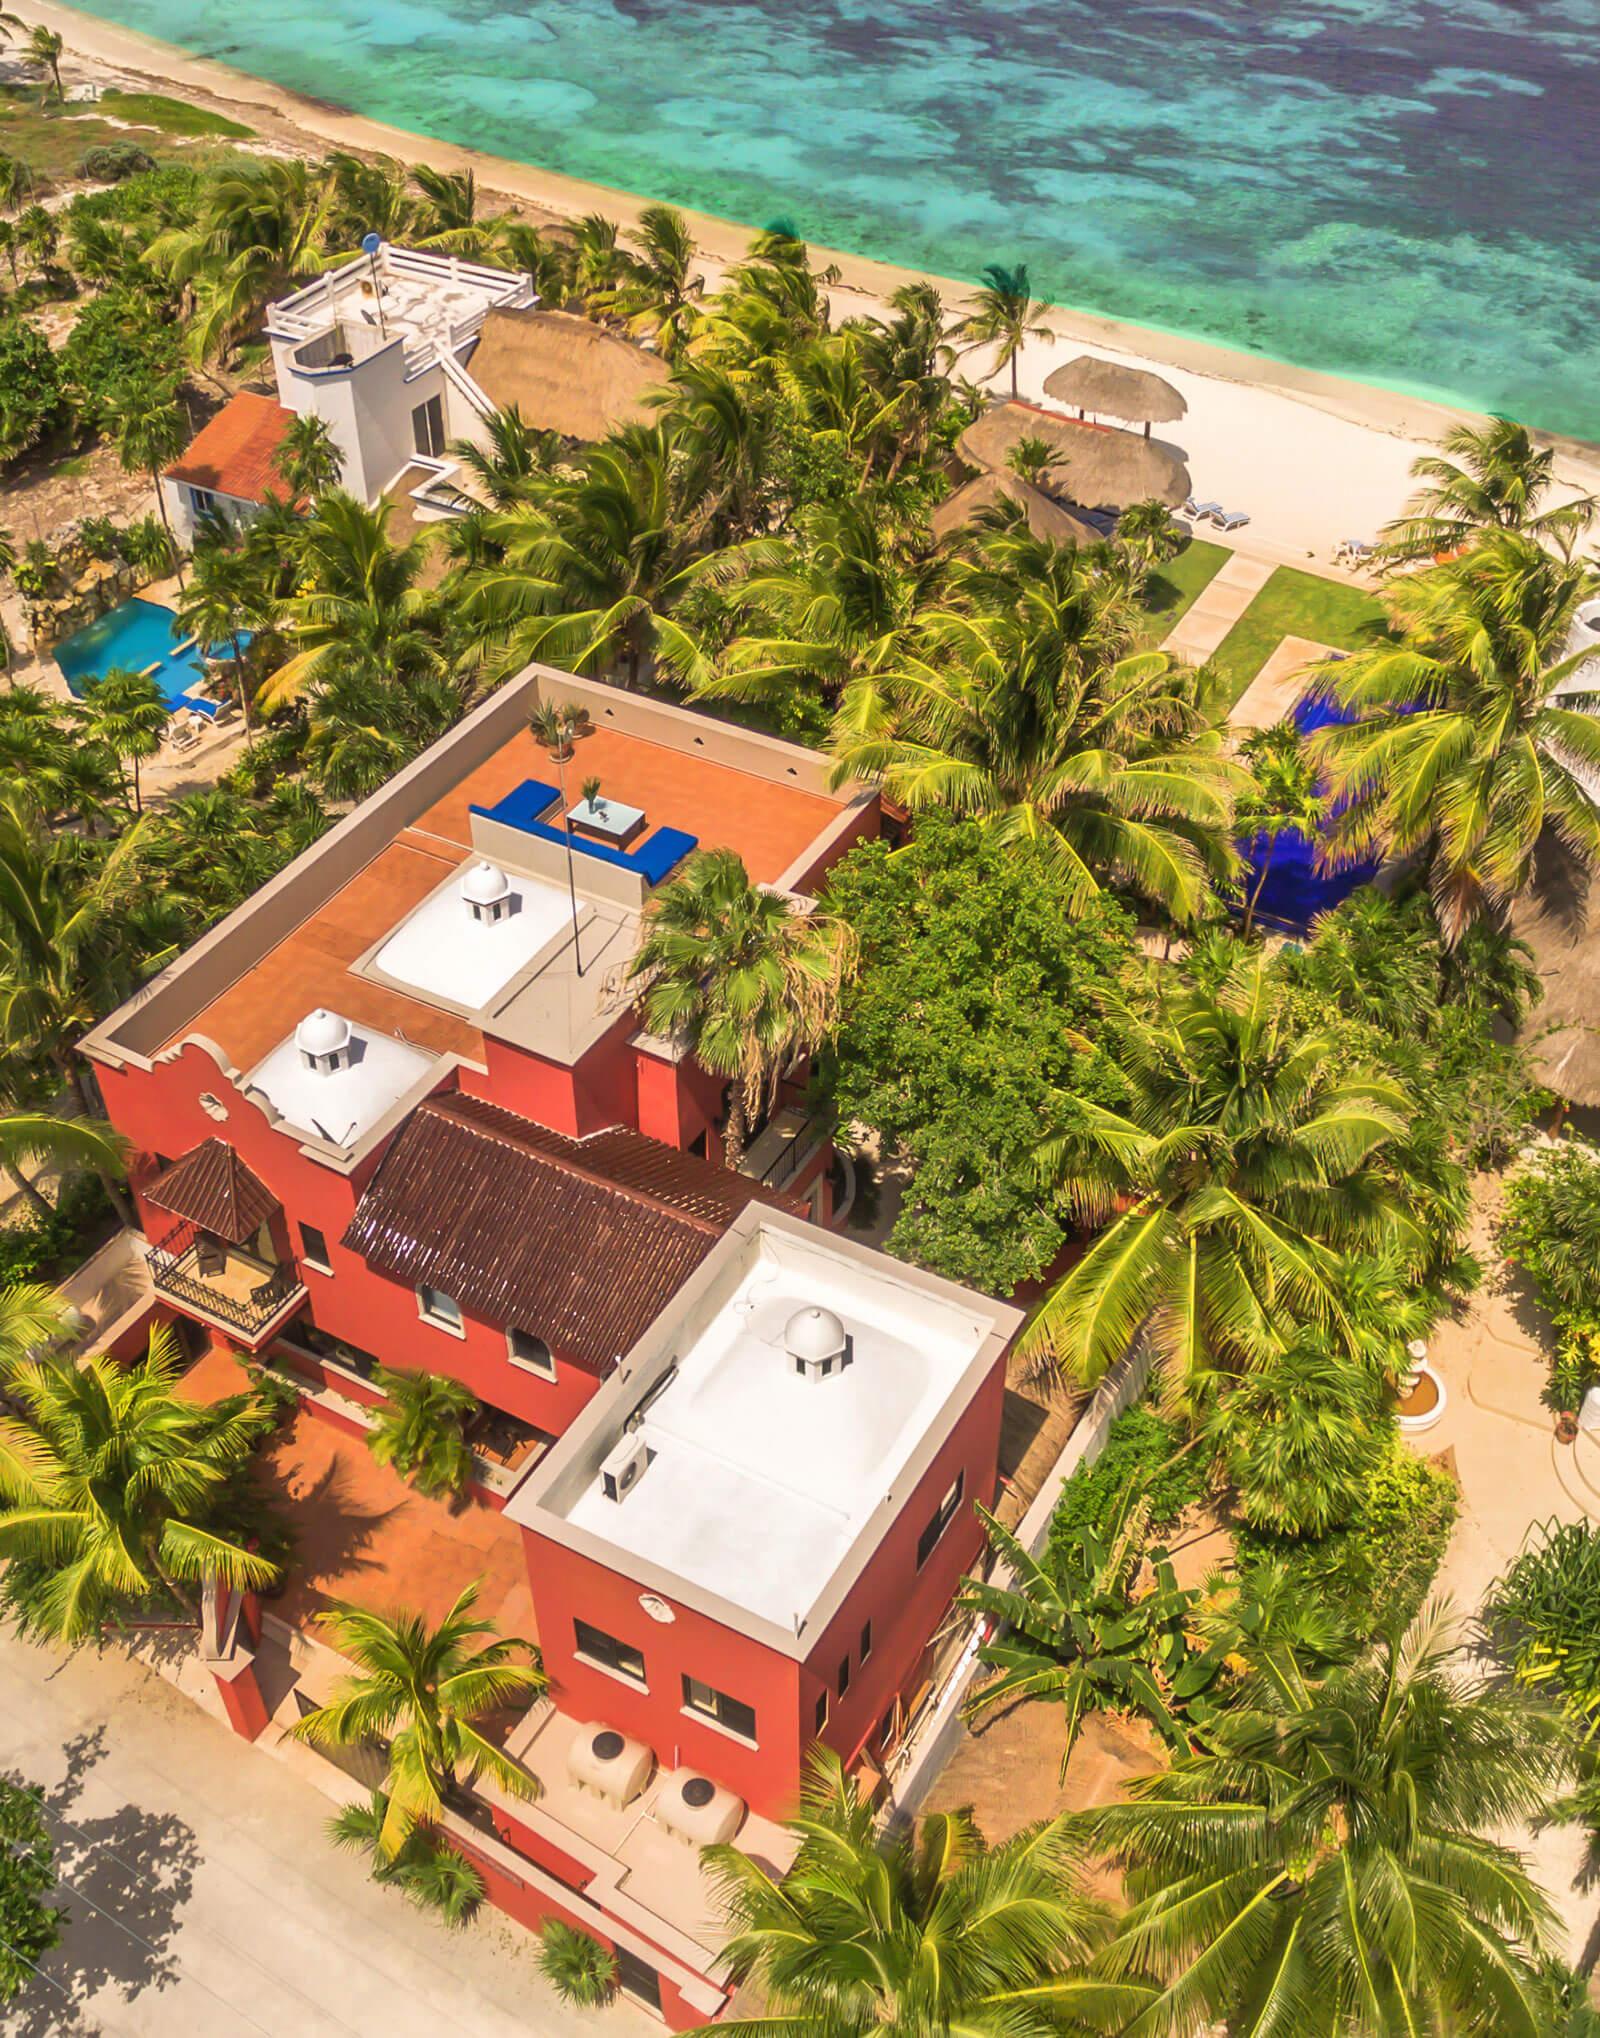 Maya_Luxe_Riviera_Maya_Luxury_Villas_Experiences_Soliman_Bay_6_Bedrooms_Casa_Buena_Suerte_5.jpg